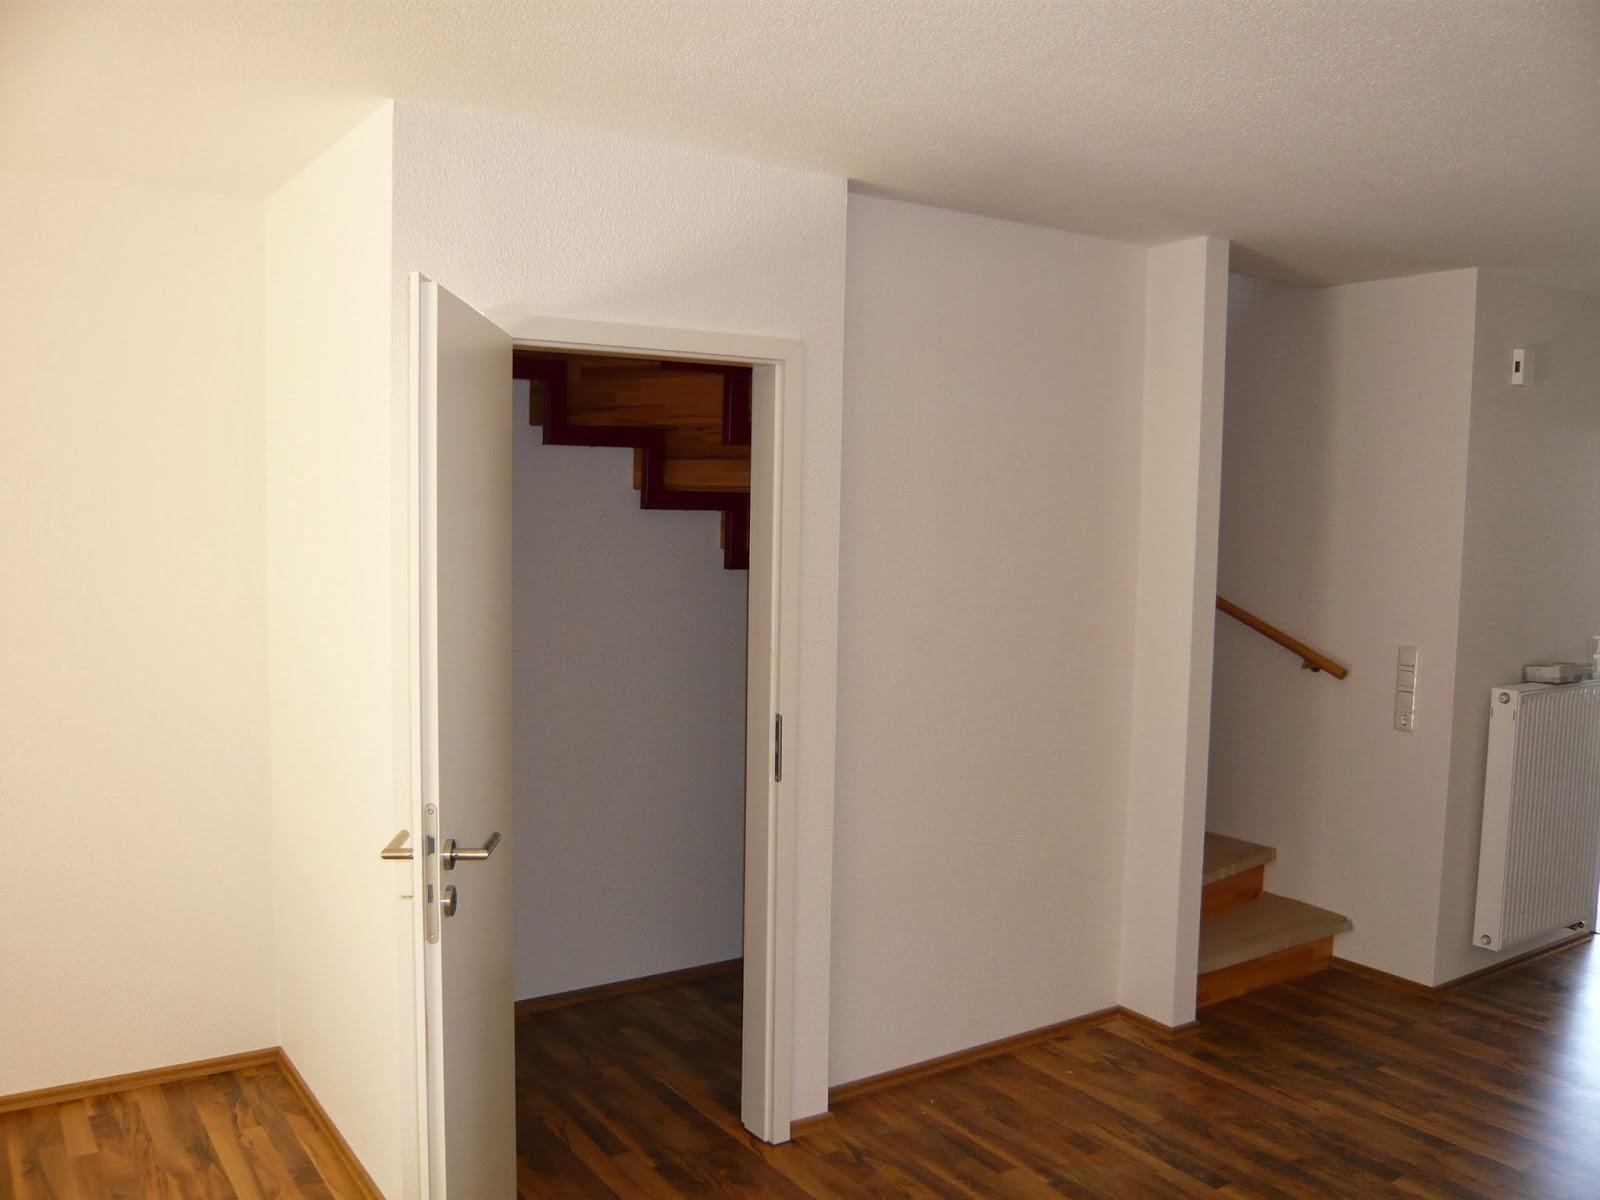 Möbel Unter Treppe: Schrank unter treppe und andere lösungen, wie ...